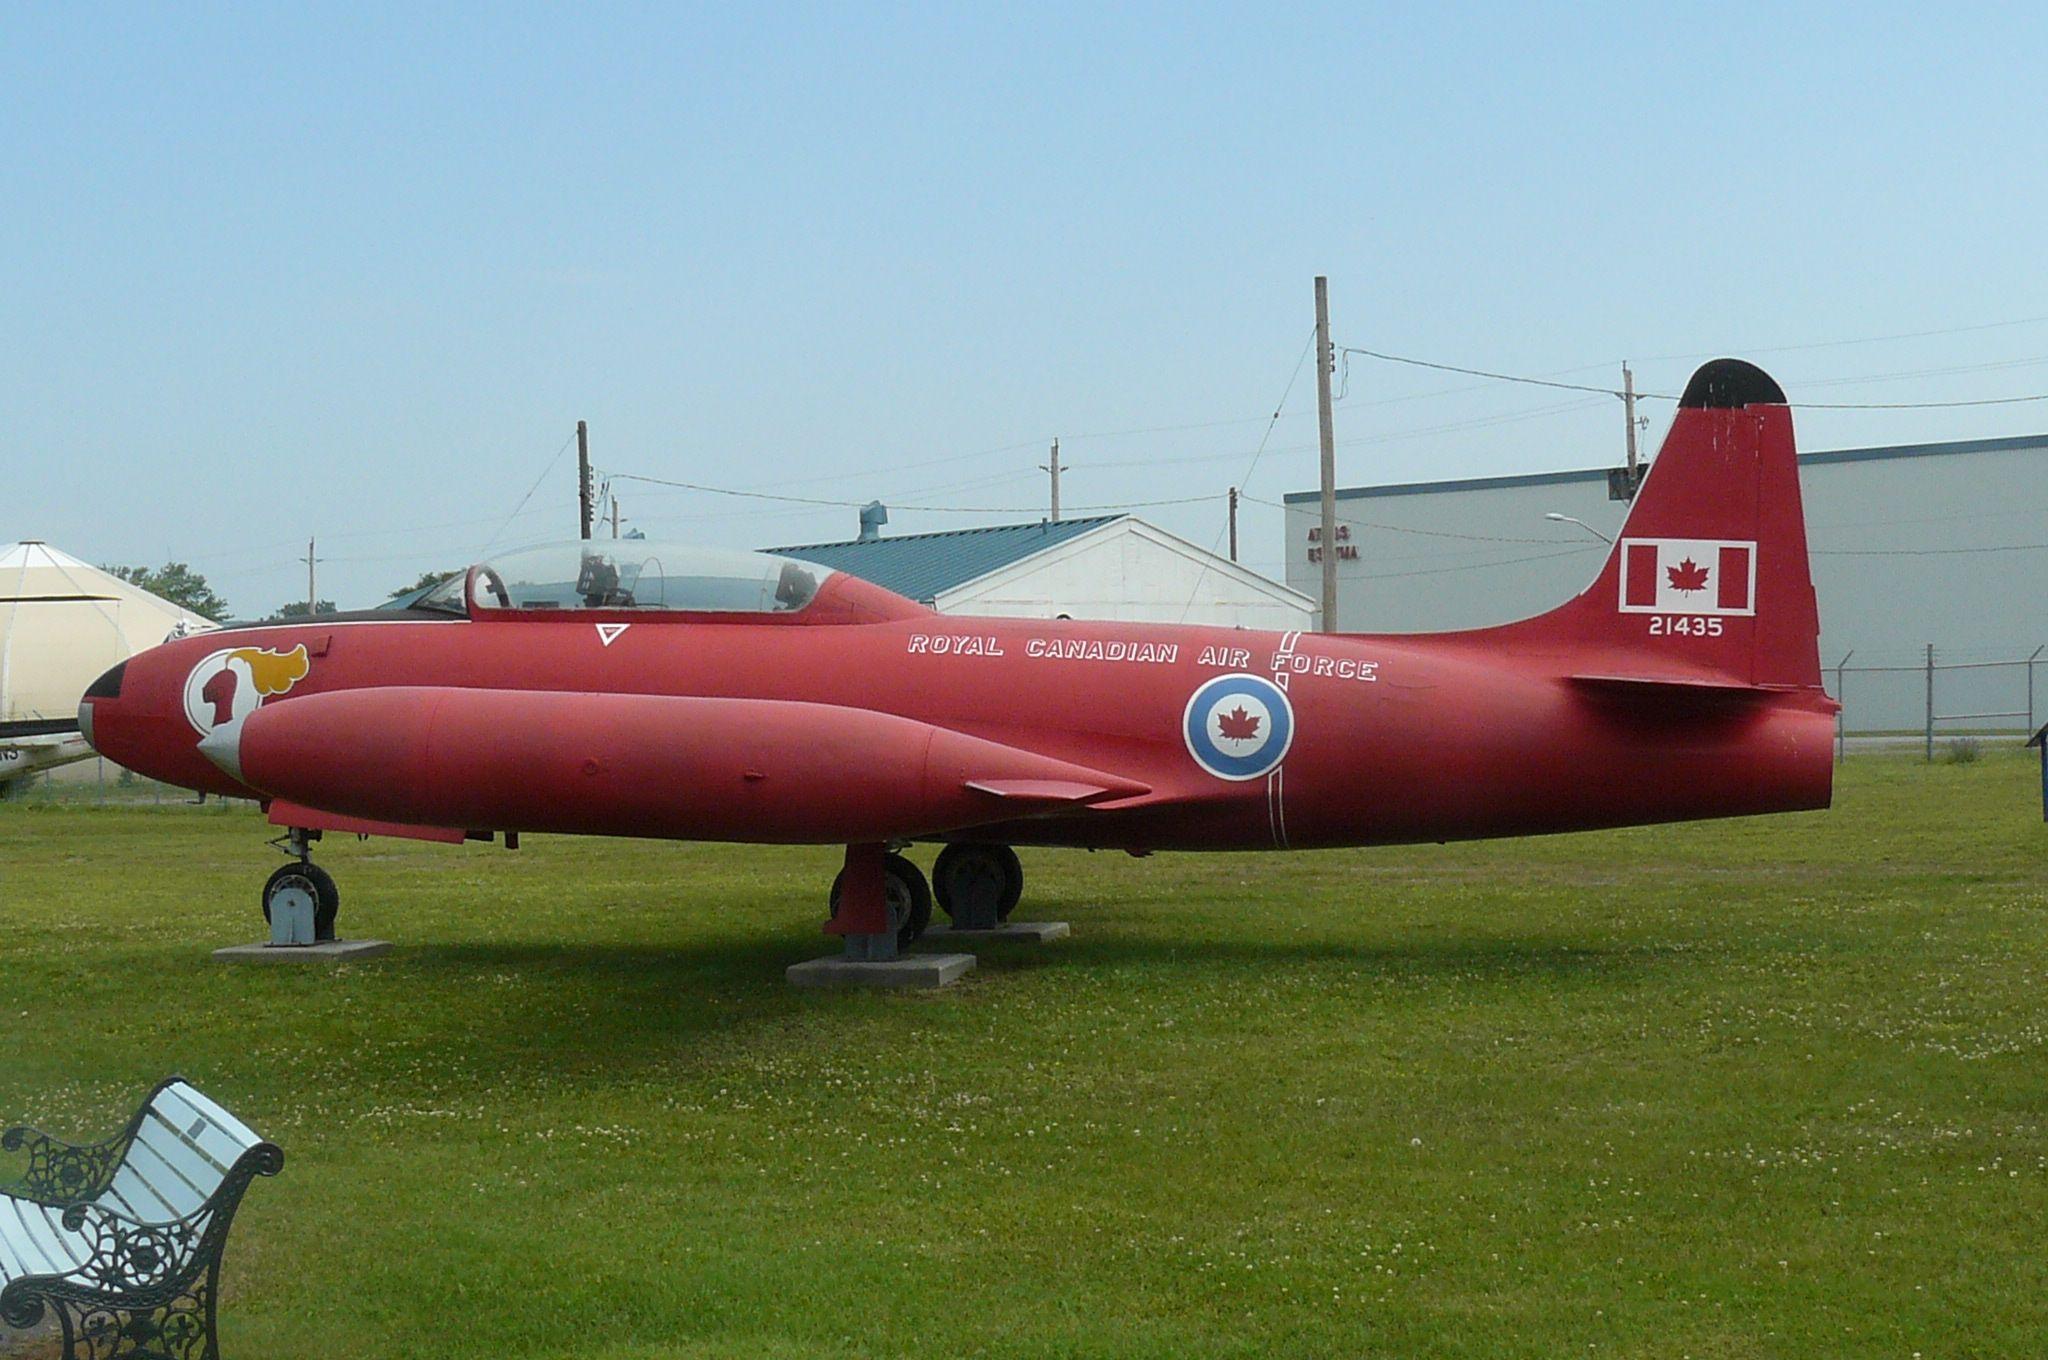 T 33 RCAF Trenton Museum (Ontario) Canadair